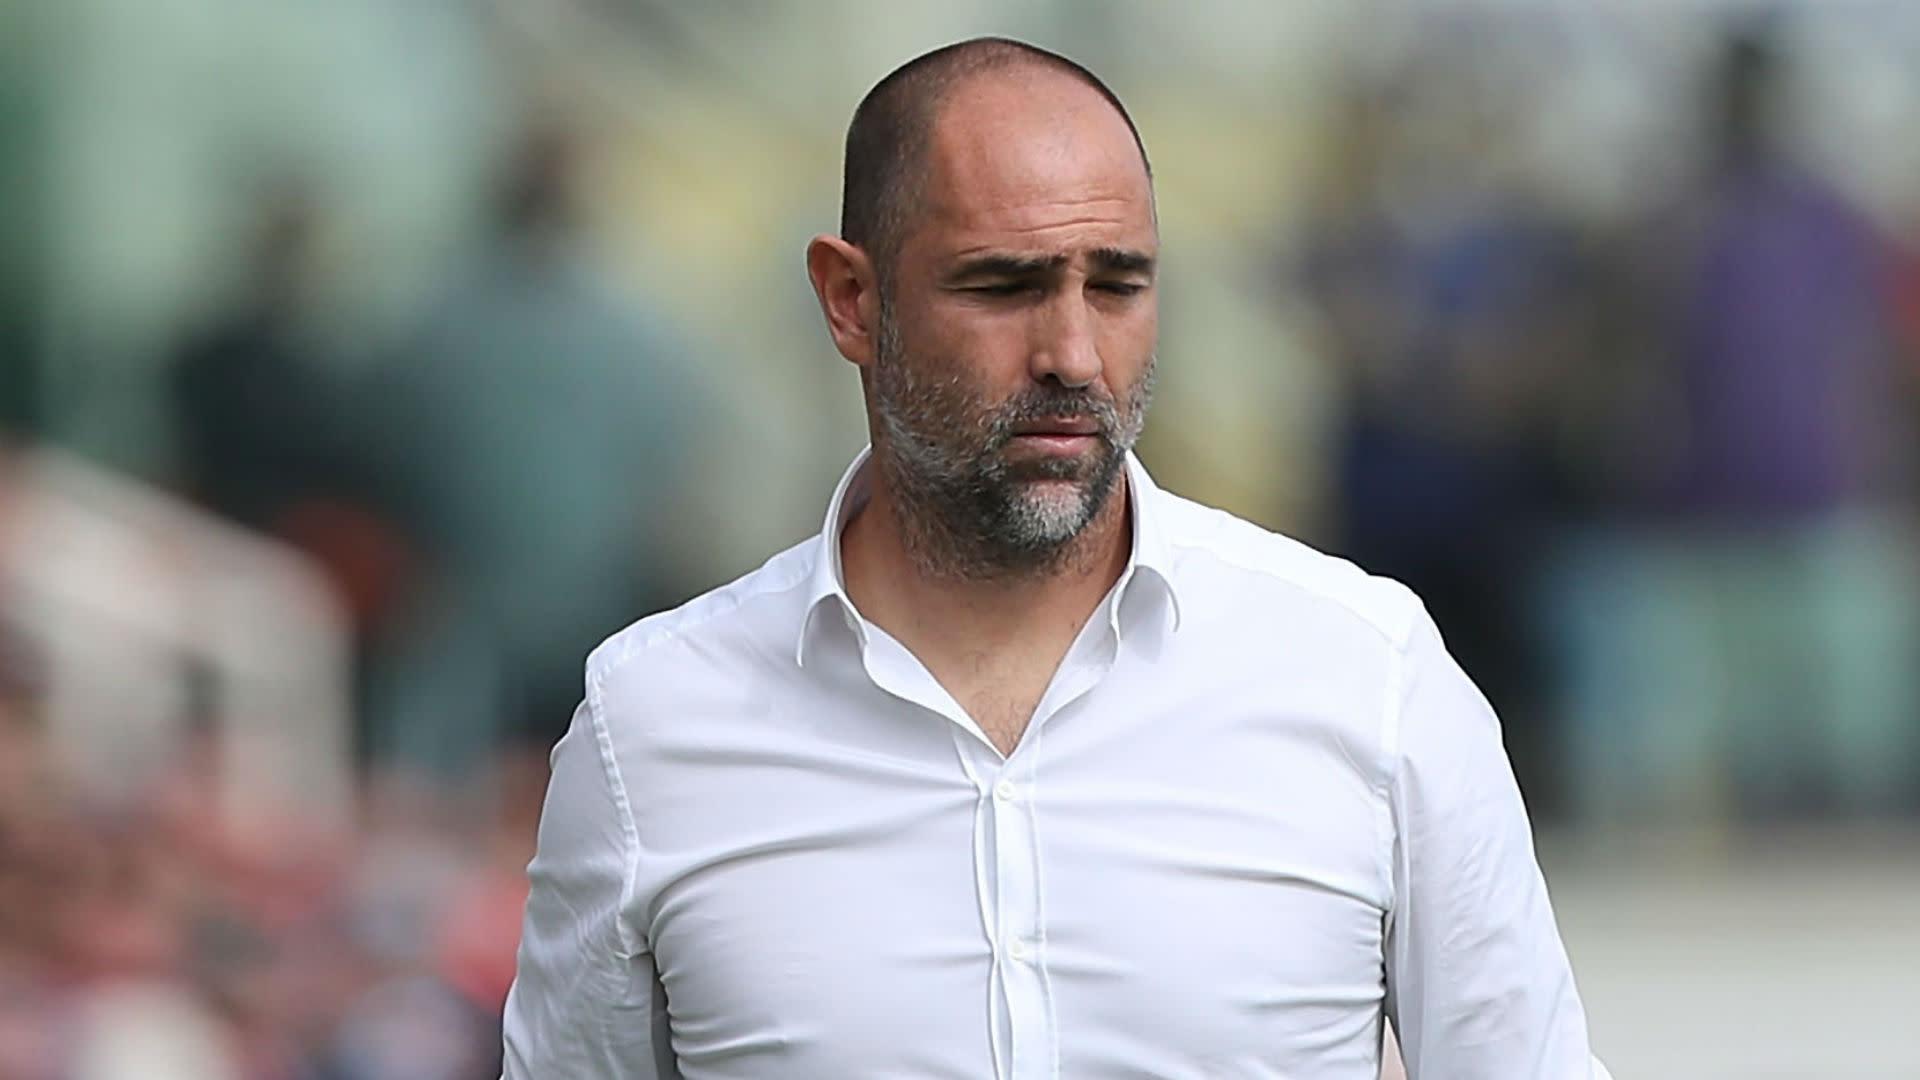 A neanche un mese dall'esonero con l'Udinese, Igor Tudor potrebbe tornare in panchina: contattato dall'Antalyaspor, potrebbe tornare in Turchia.